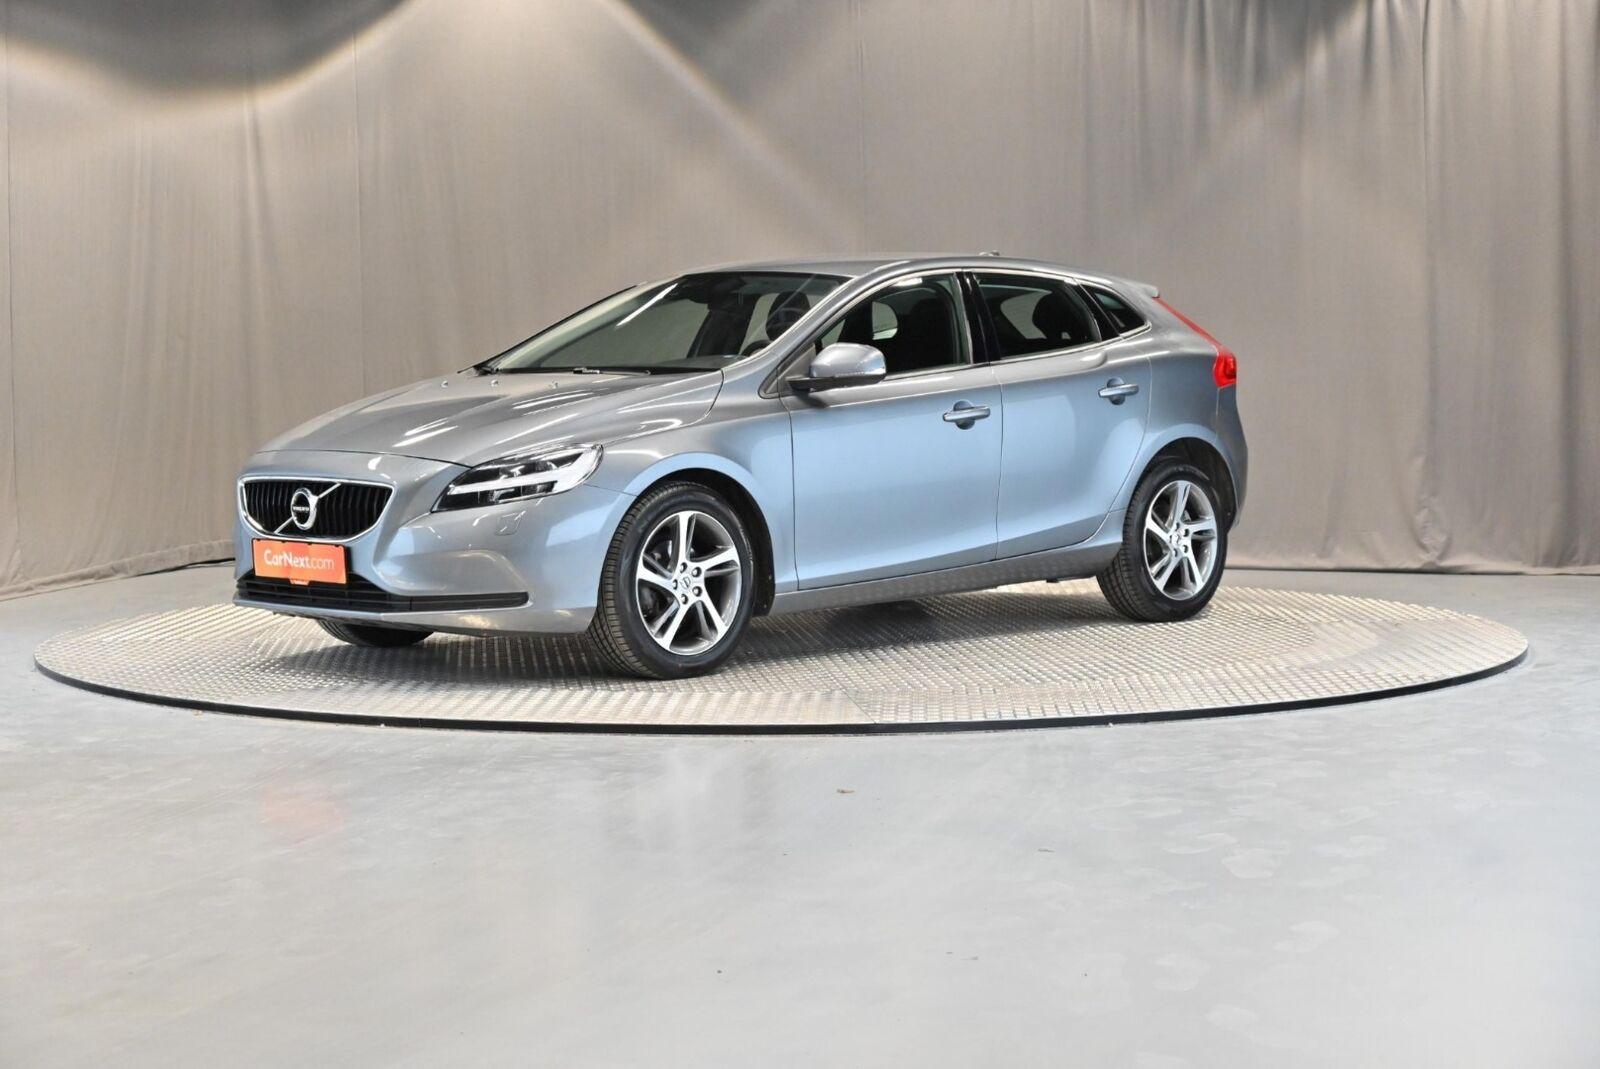 Volvo V40 2,0 D2 120 Momentum 5d - 189.900 kr.